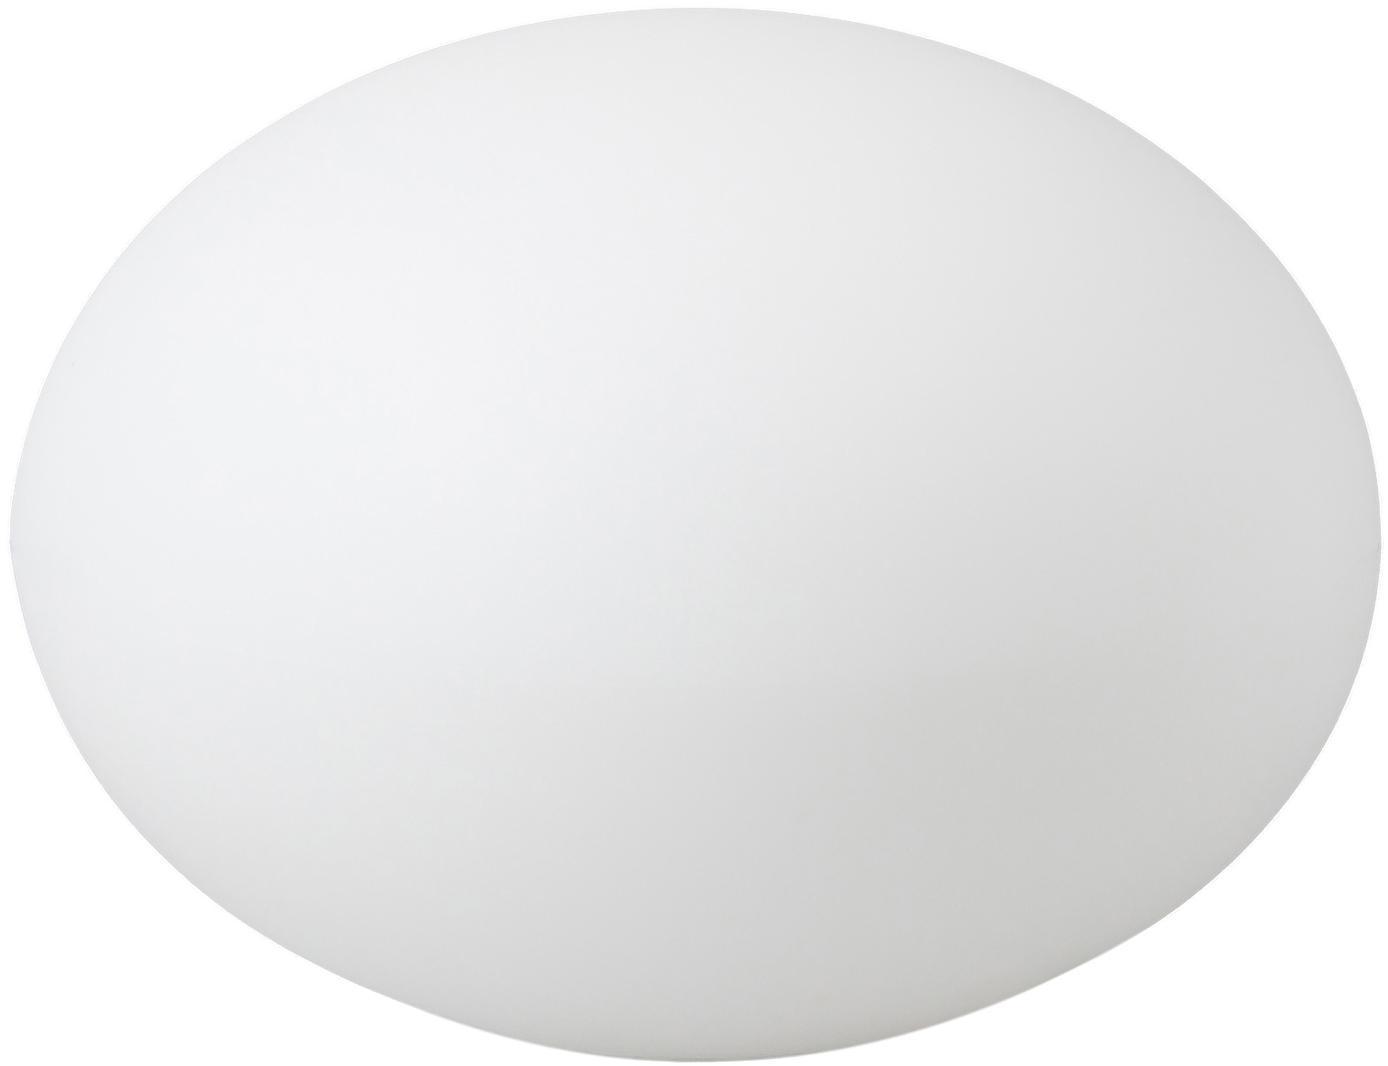 Outdoor vloerlamp Apollo met stekker, Kunststof, Wit, Ø 40 x H 30 cm